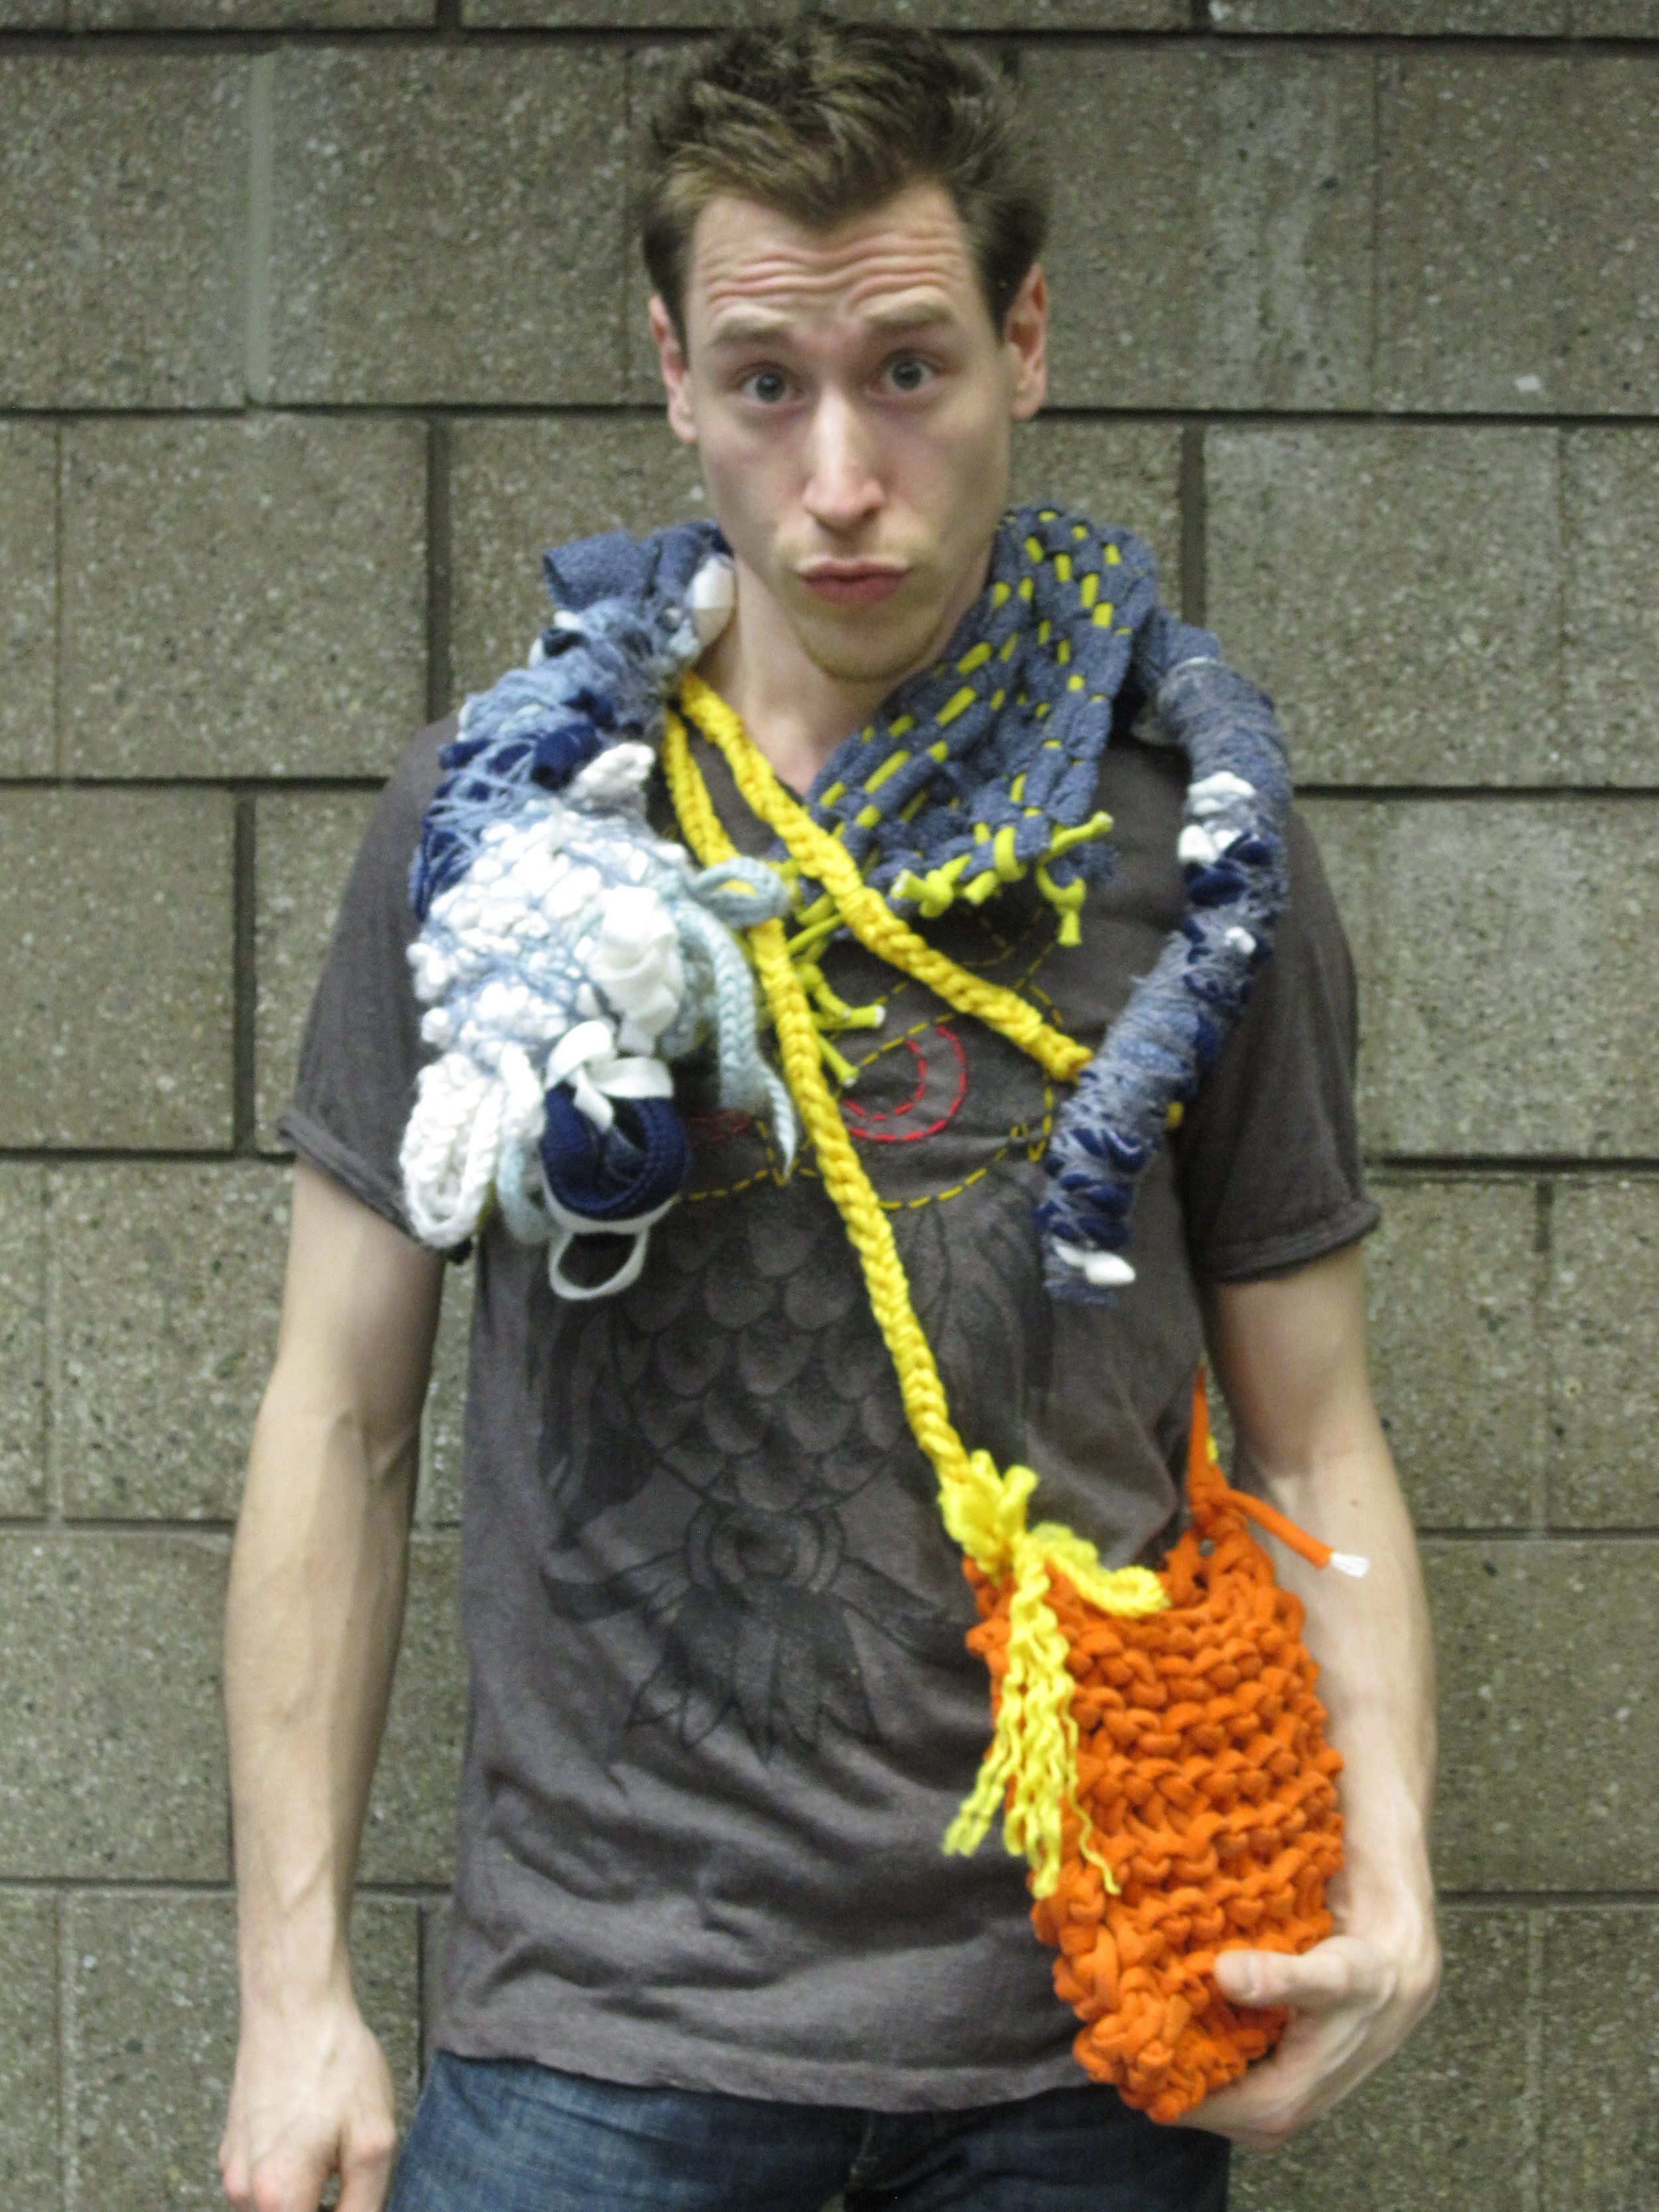 knittingmarathon10_4314518031_o.jpg